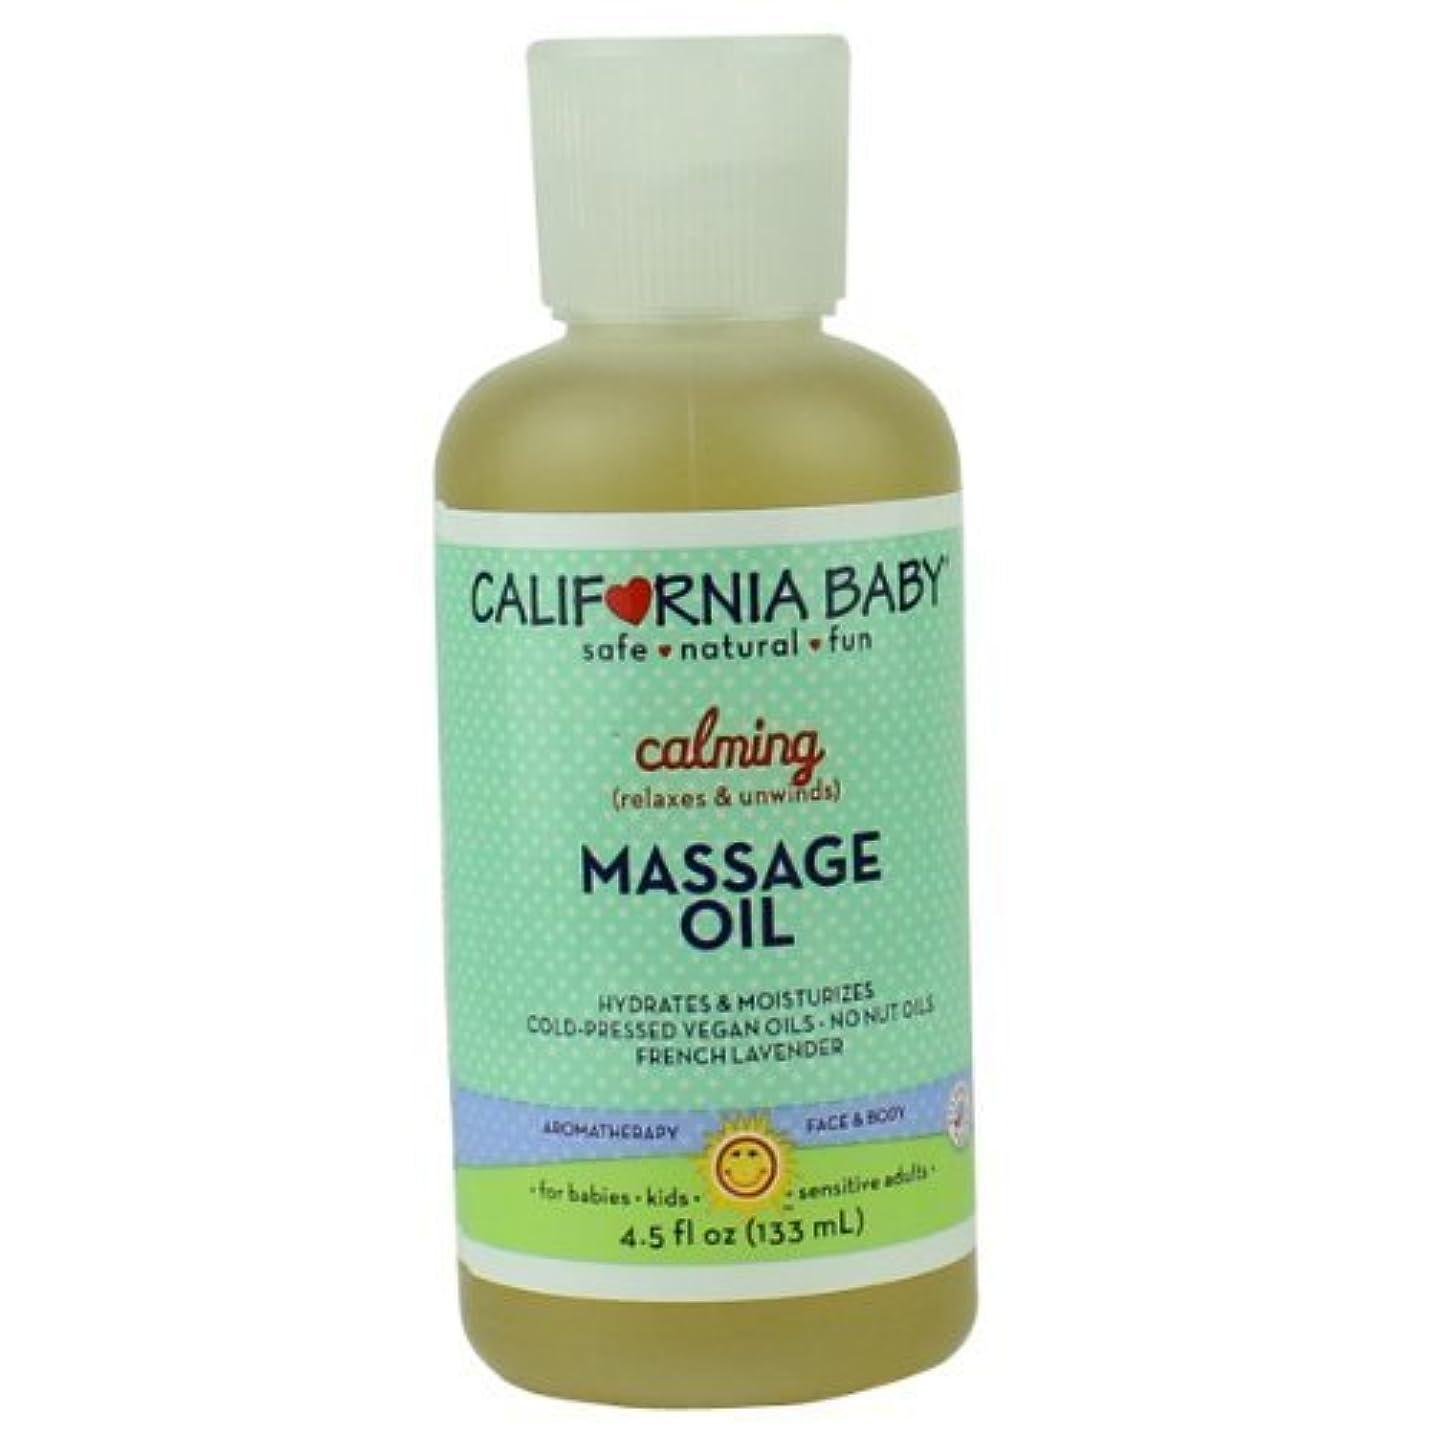 半円へこみスイッチCalifornia Baby Calming Massage Oil 4.5fl.(133ml) by California Baby [並行輸入品]